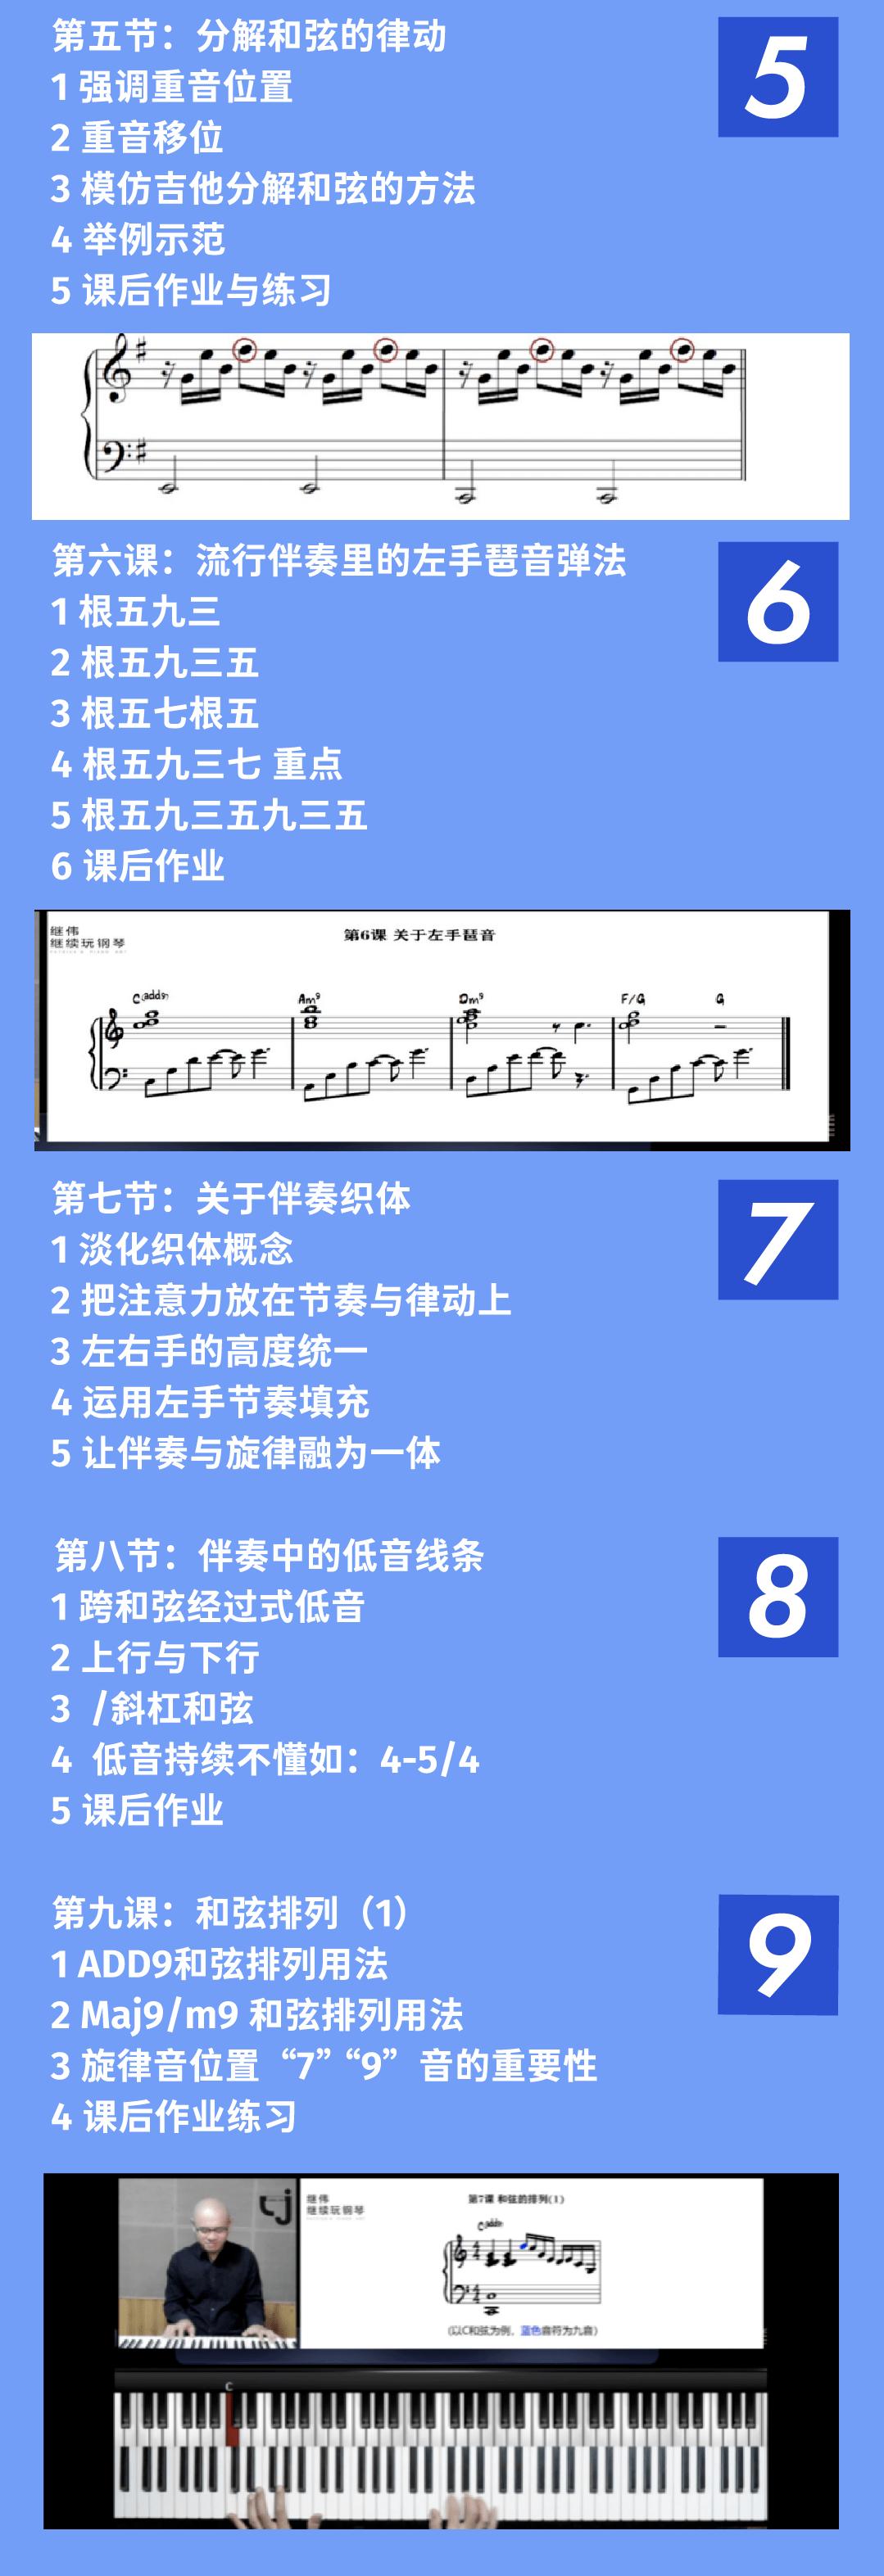 怎么运用伴奏织体才能弹出一个好听的伴奏?